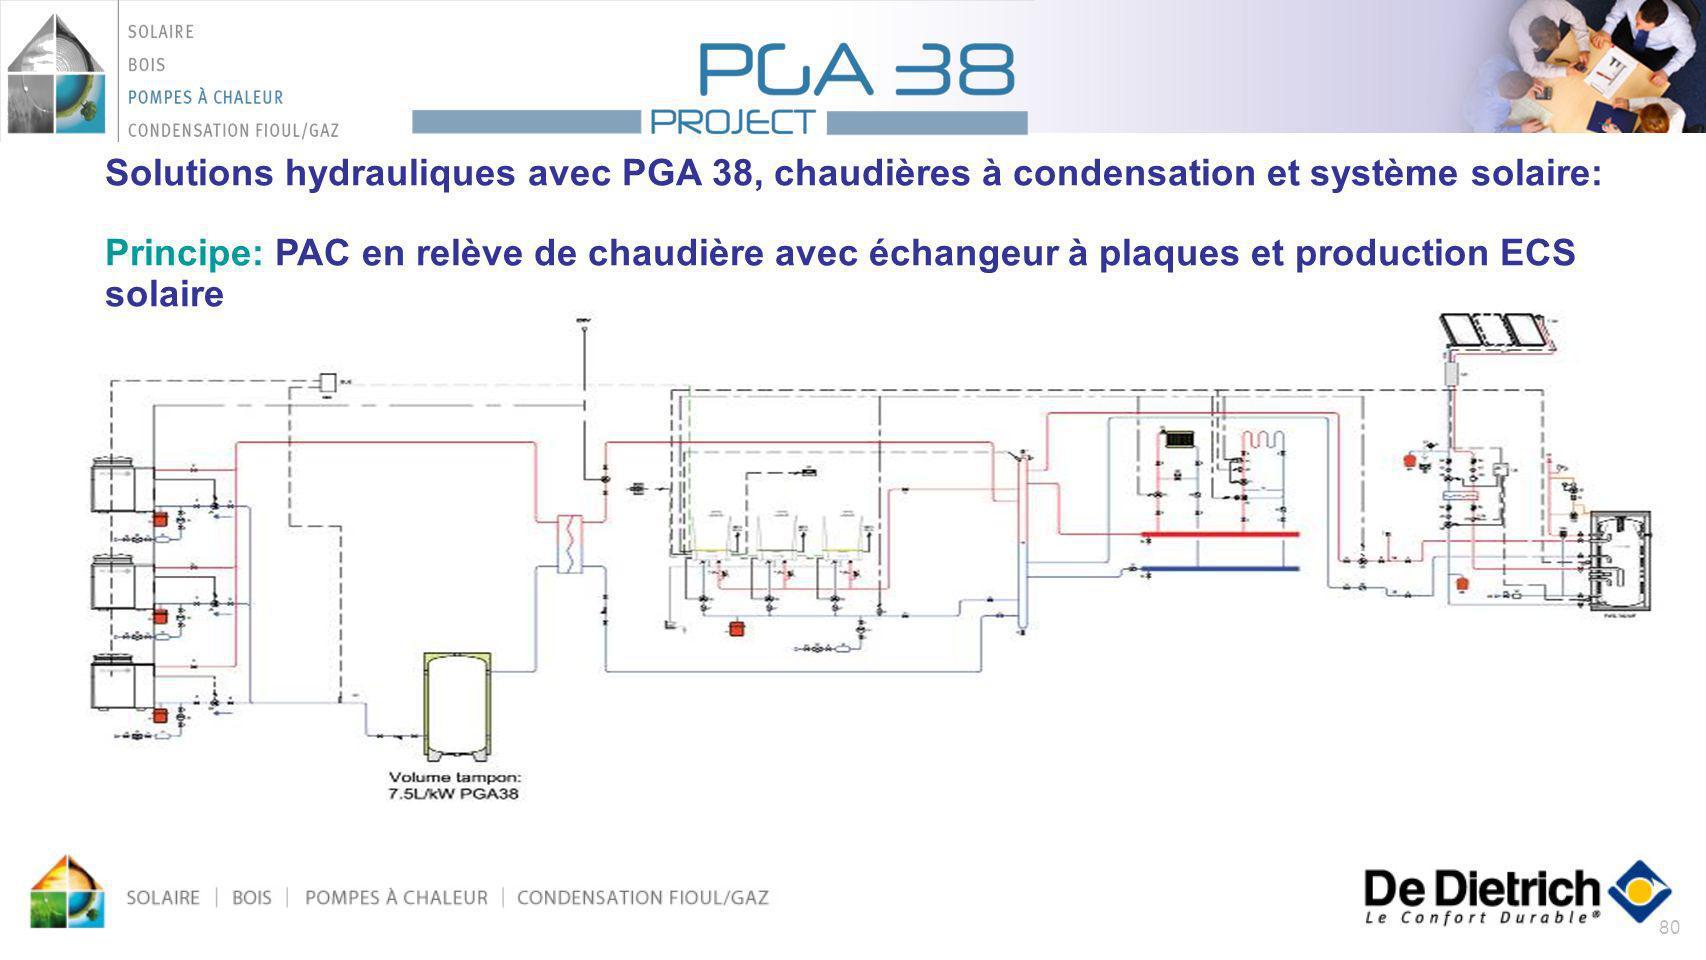 80 Solutions hydrauliques avec PGA 38, chaudières à condensation et système solaire: Principe: PAC en relève de chaudière avec échangeur à plaques et